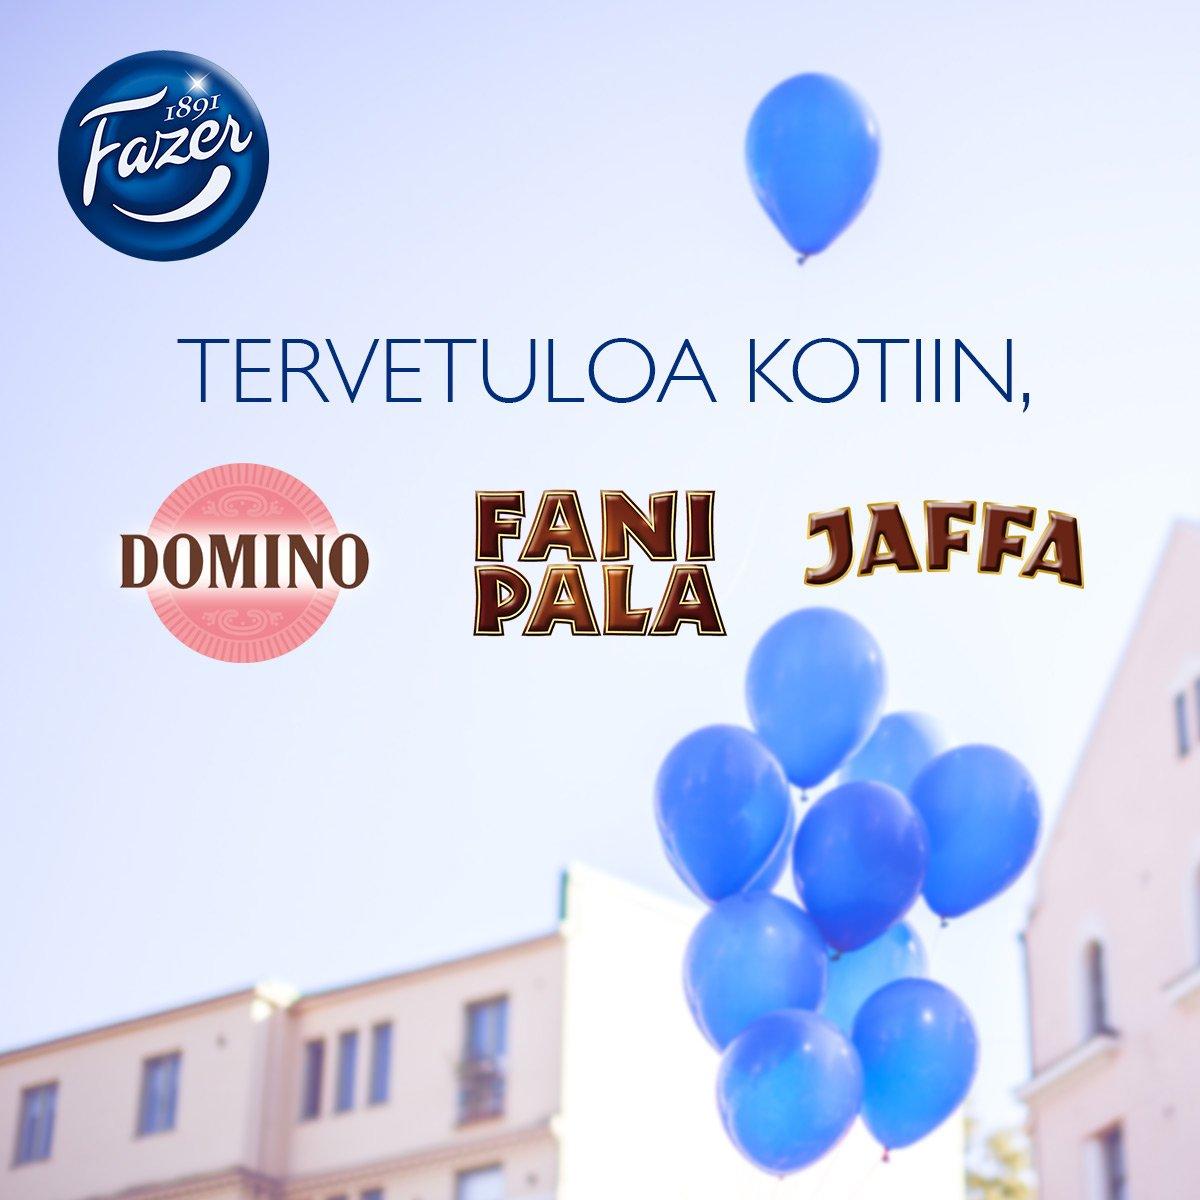 Klassikkokeksit palaavat kotiin - Fazer ostaa Domino, Jaffa ja Fanipala -tuotemerkit! https://t.co/5sYrTcphOD https://t.co/DGHyESMrWY